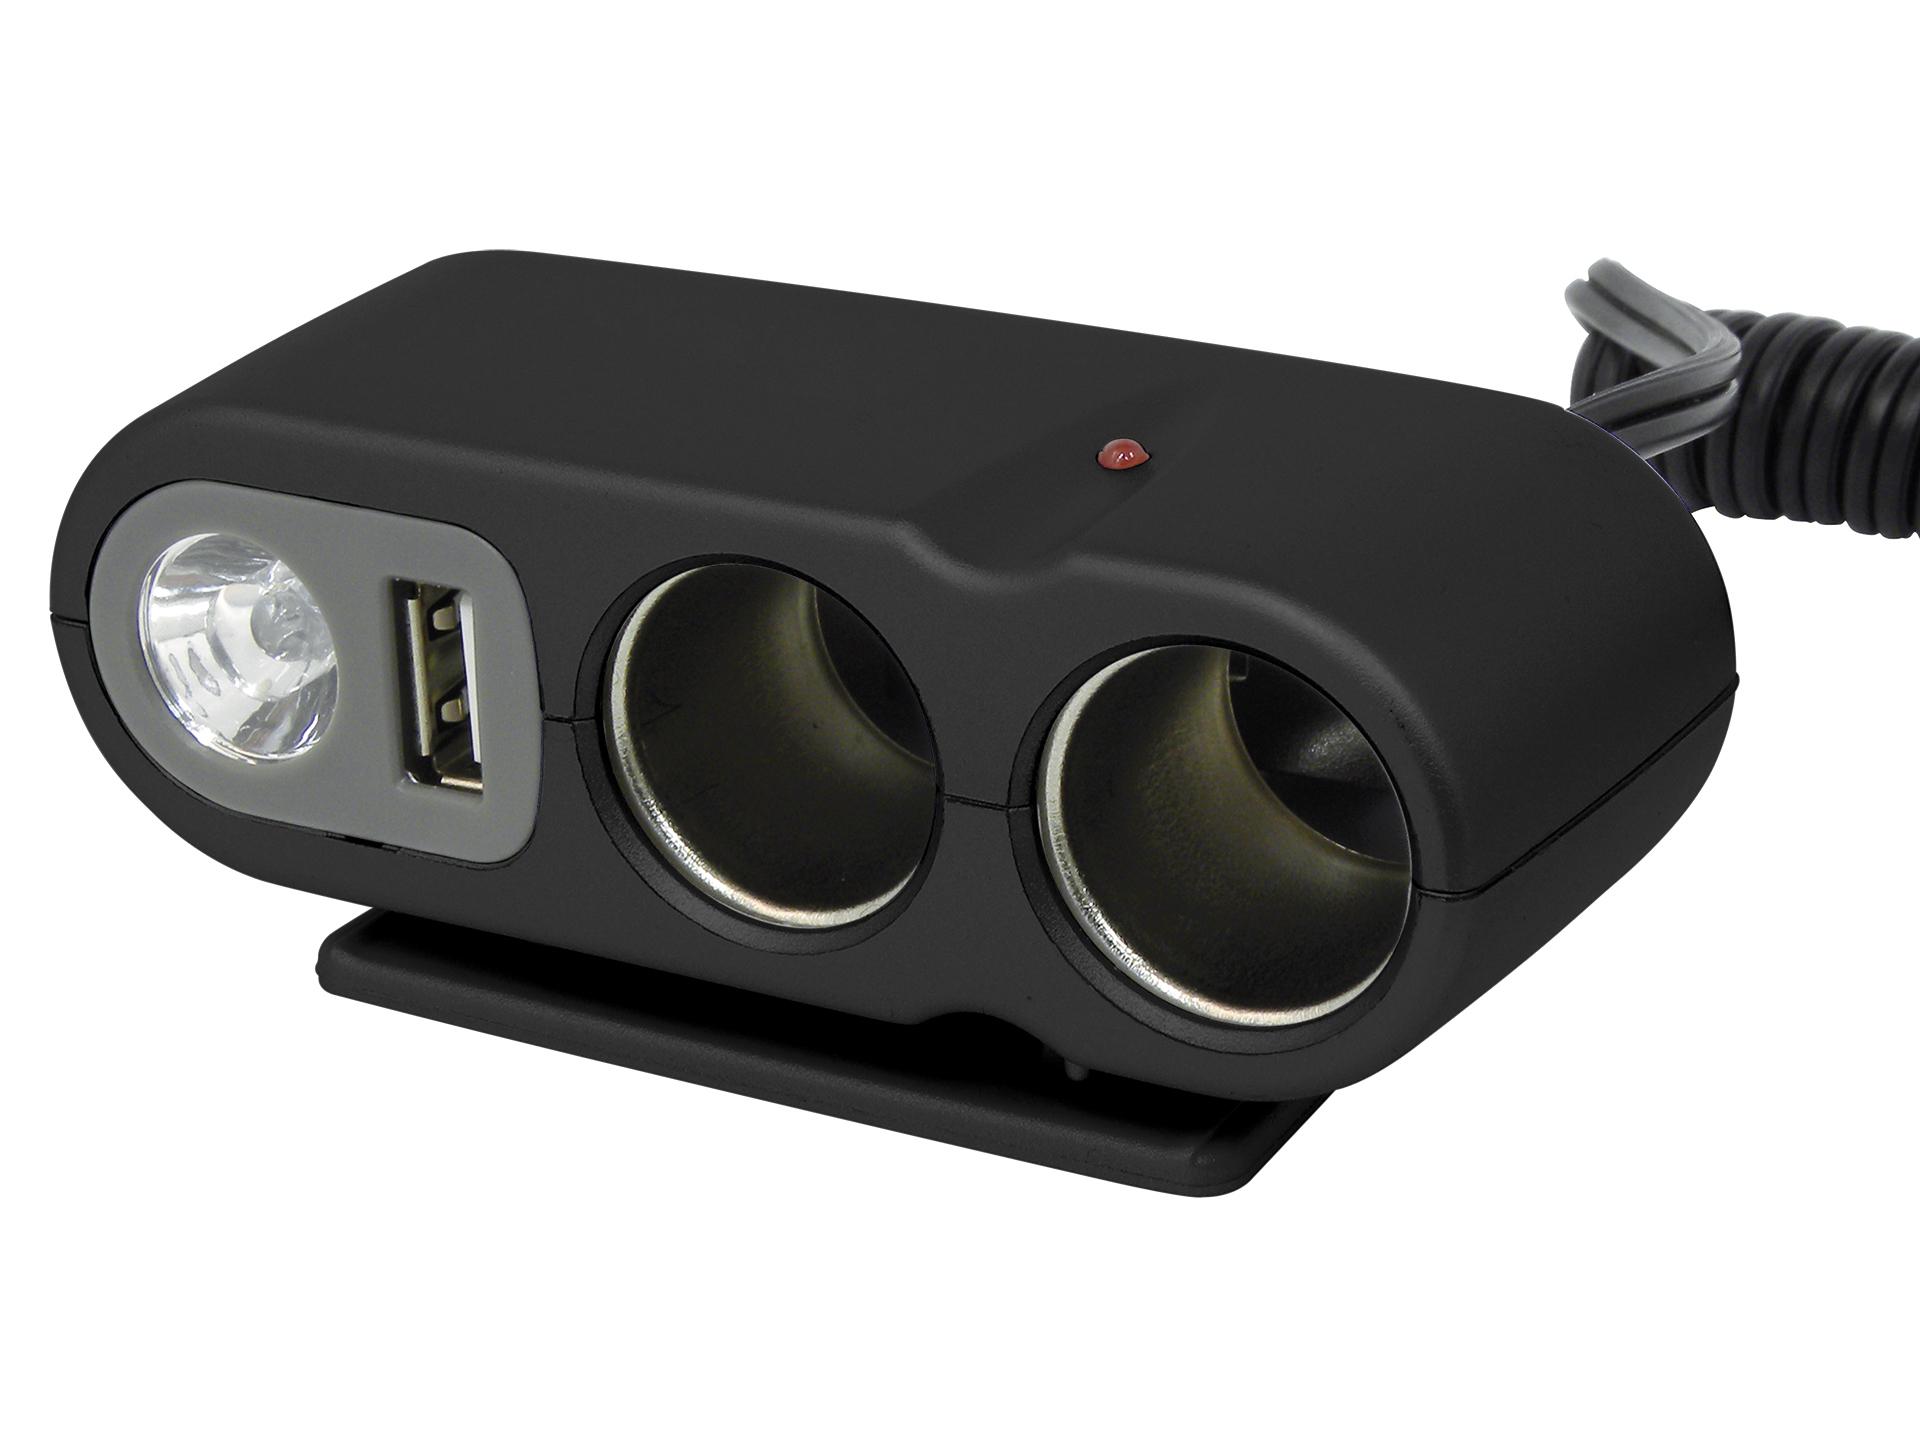 Bekend Carpoint dubbele stekkerdoos met USB 12V 5A | Hubo VZ07